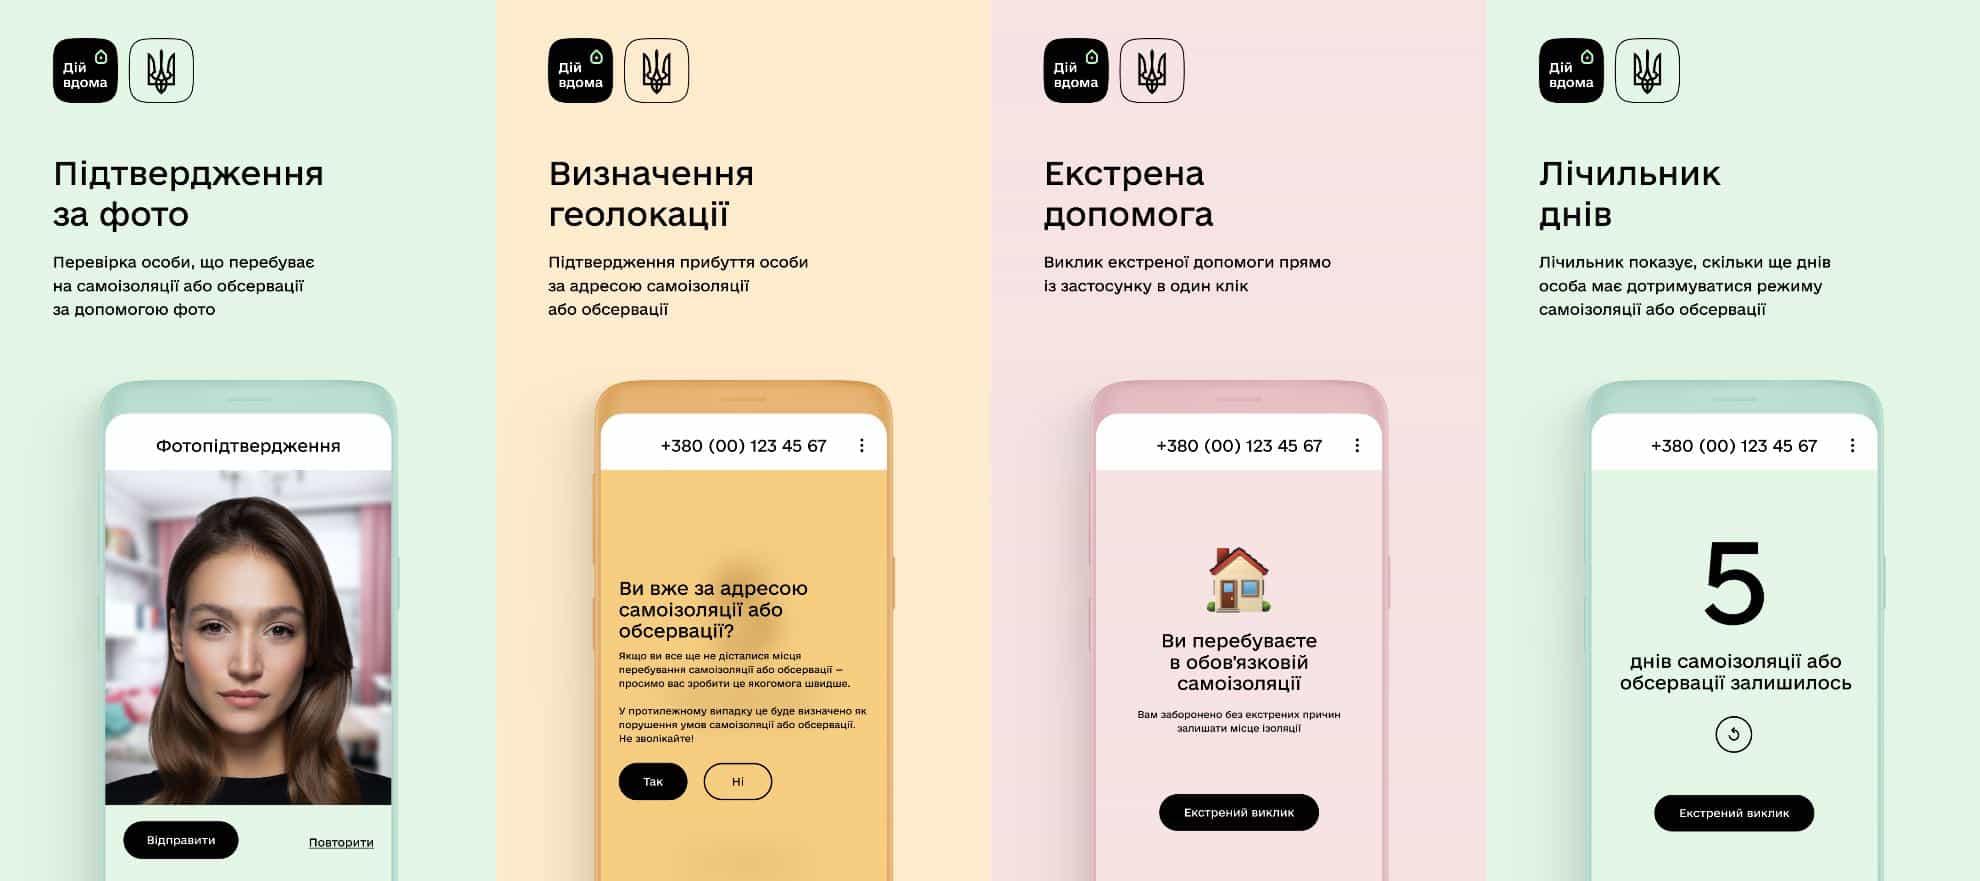 В Україні запустили додаток Дій вдома для запобігання поширенню коронавірусу